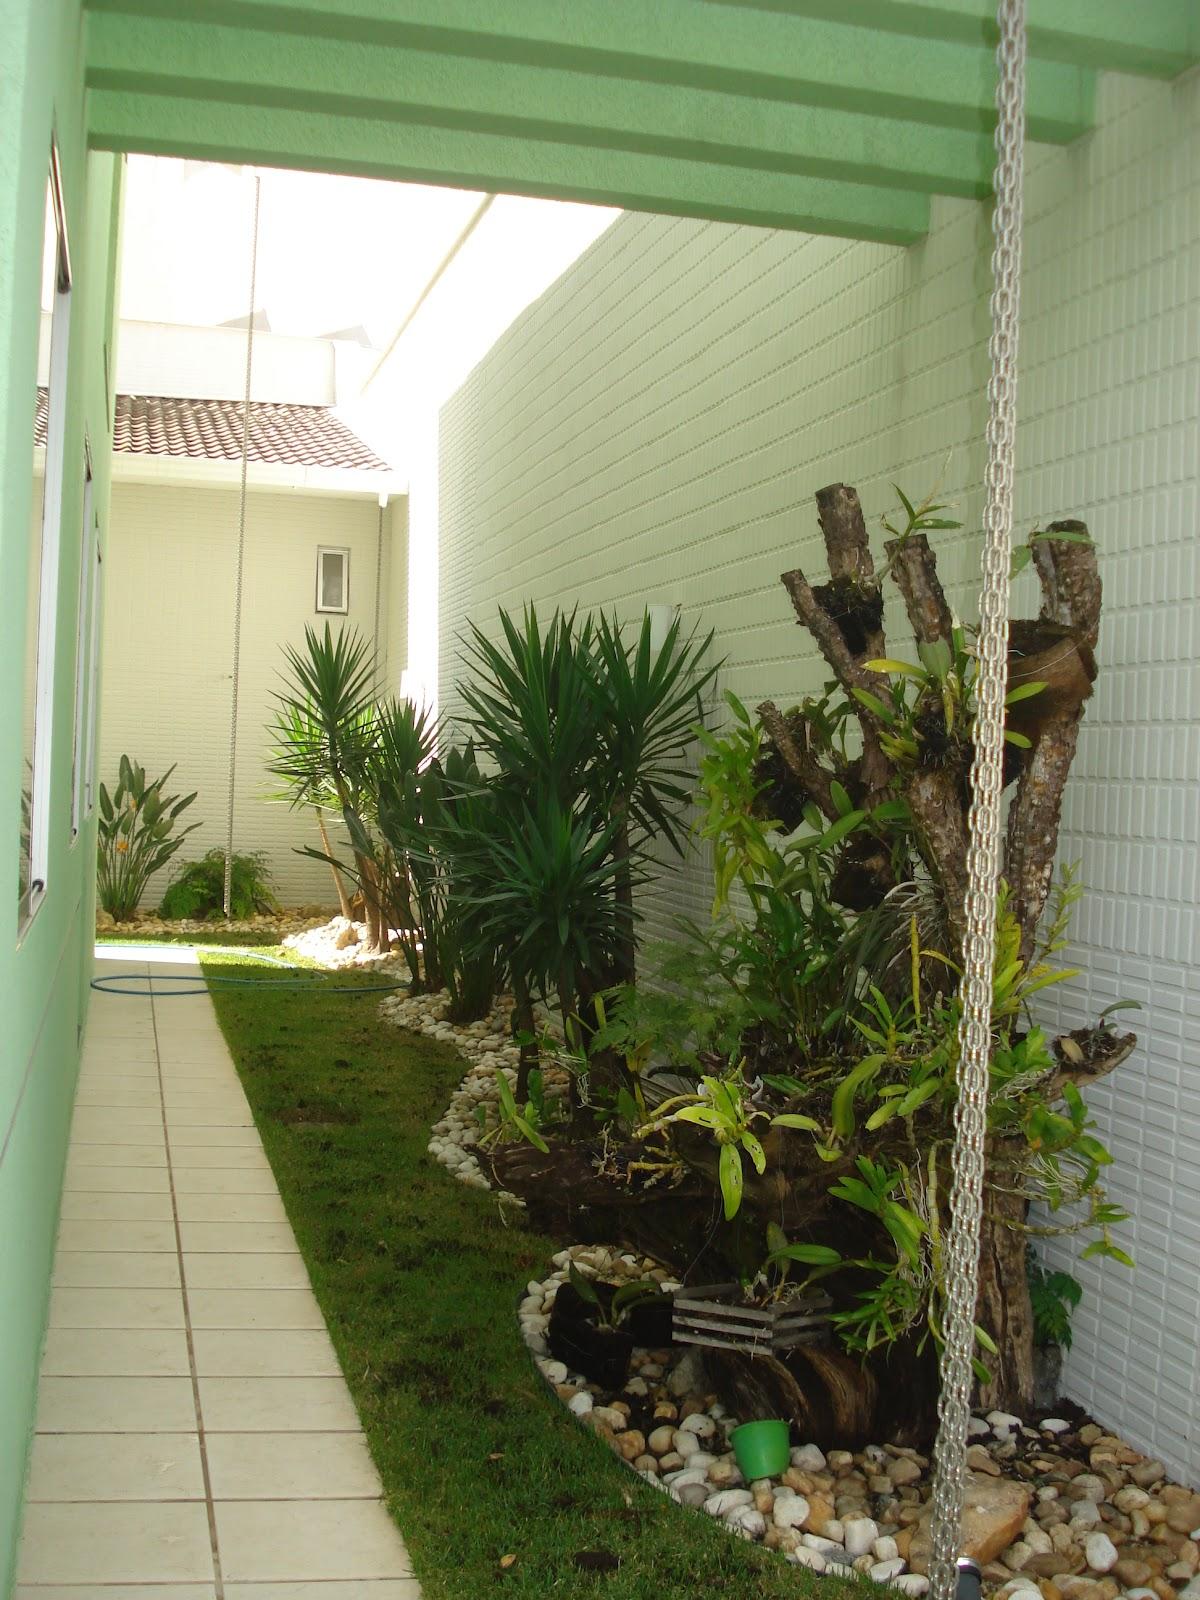 Feng shui e decora o jardim relacionamento feng shui for Plantas para dormitorio feng shui